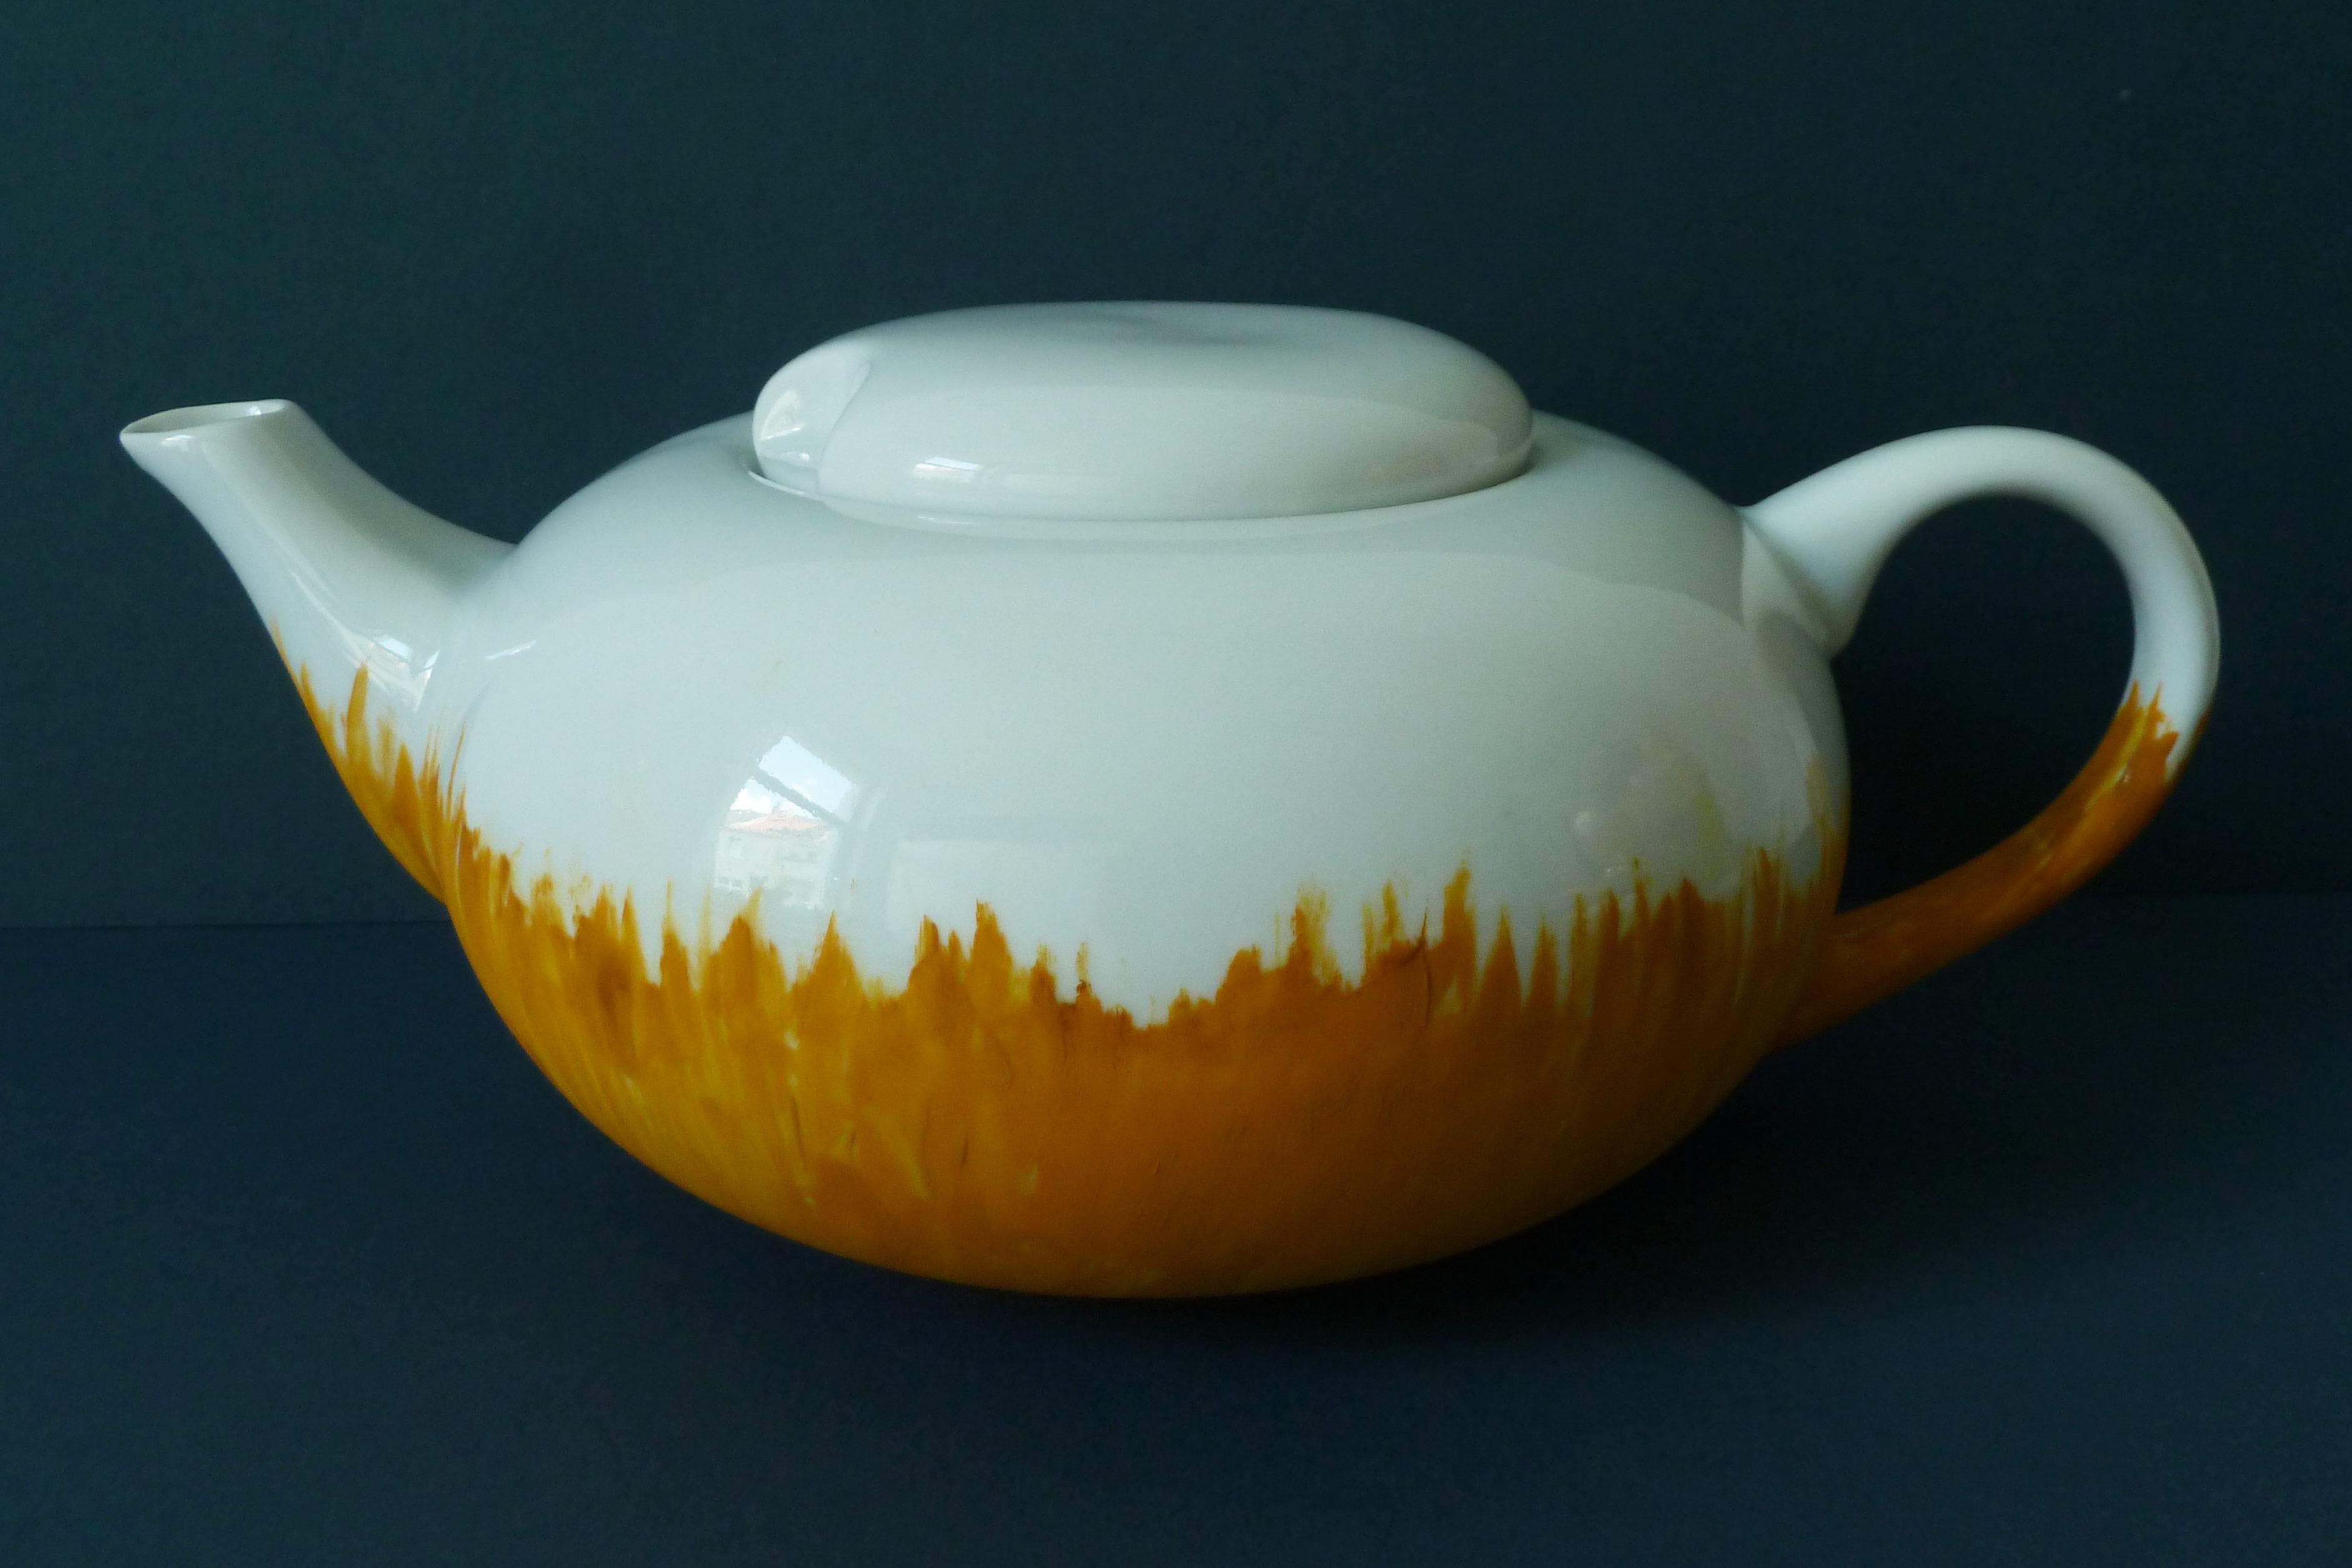 Porzellen Teekanne weiß und ocker bemalt